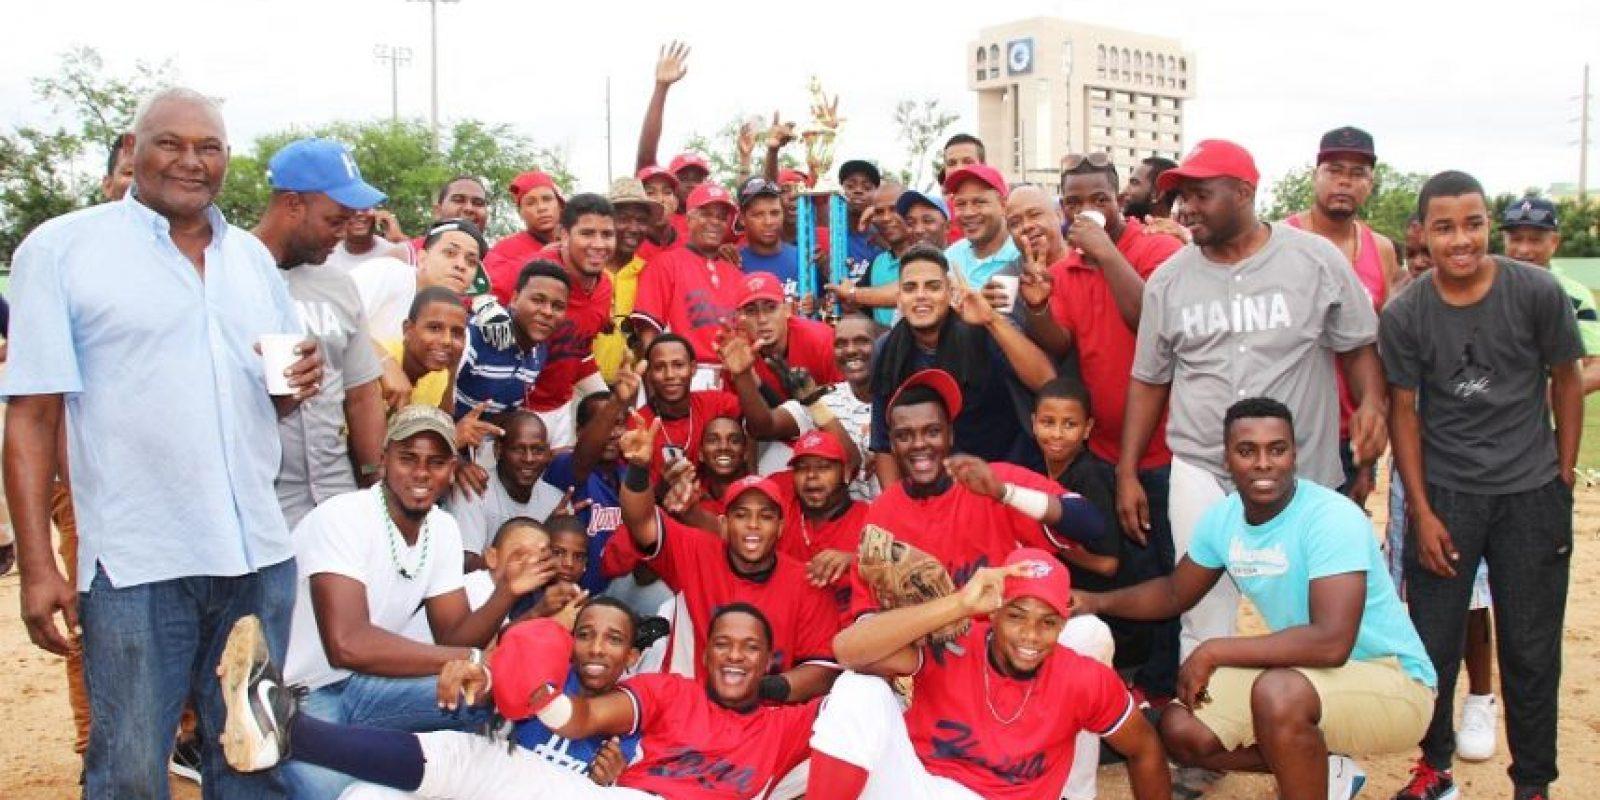 Julián de León, presidente de Abedina, entrega la copa de campeón al equipo de Haina en torneo béisbol doble A del Distrito Nacional. Foto:Fuente externa